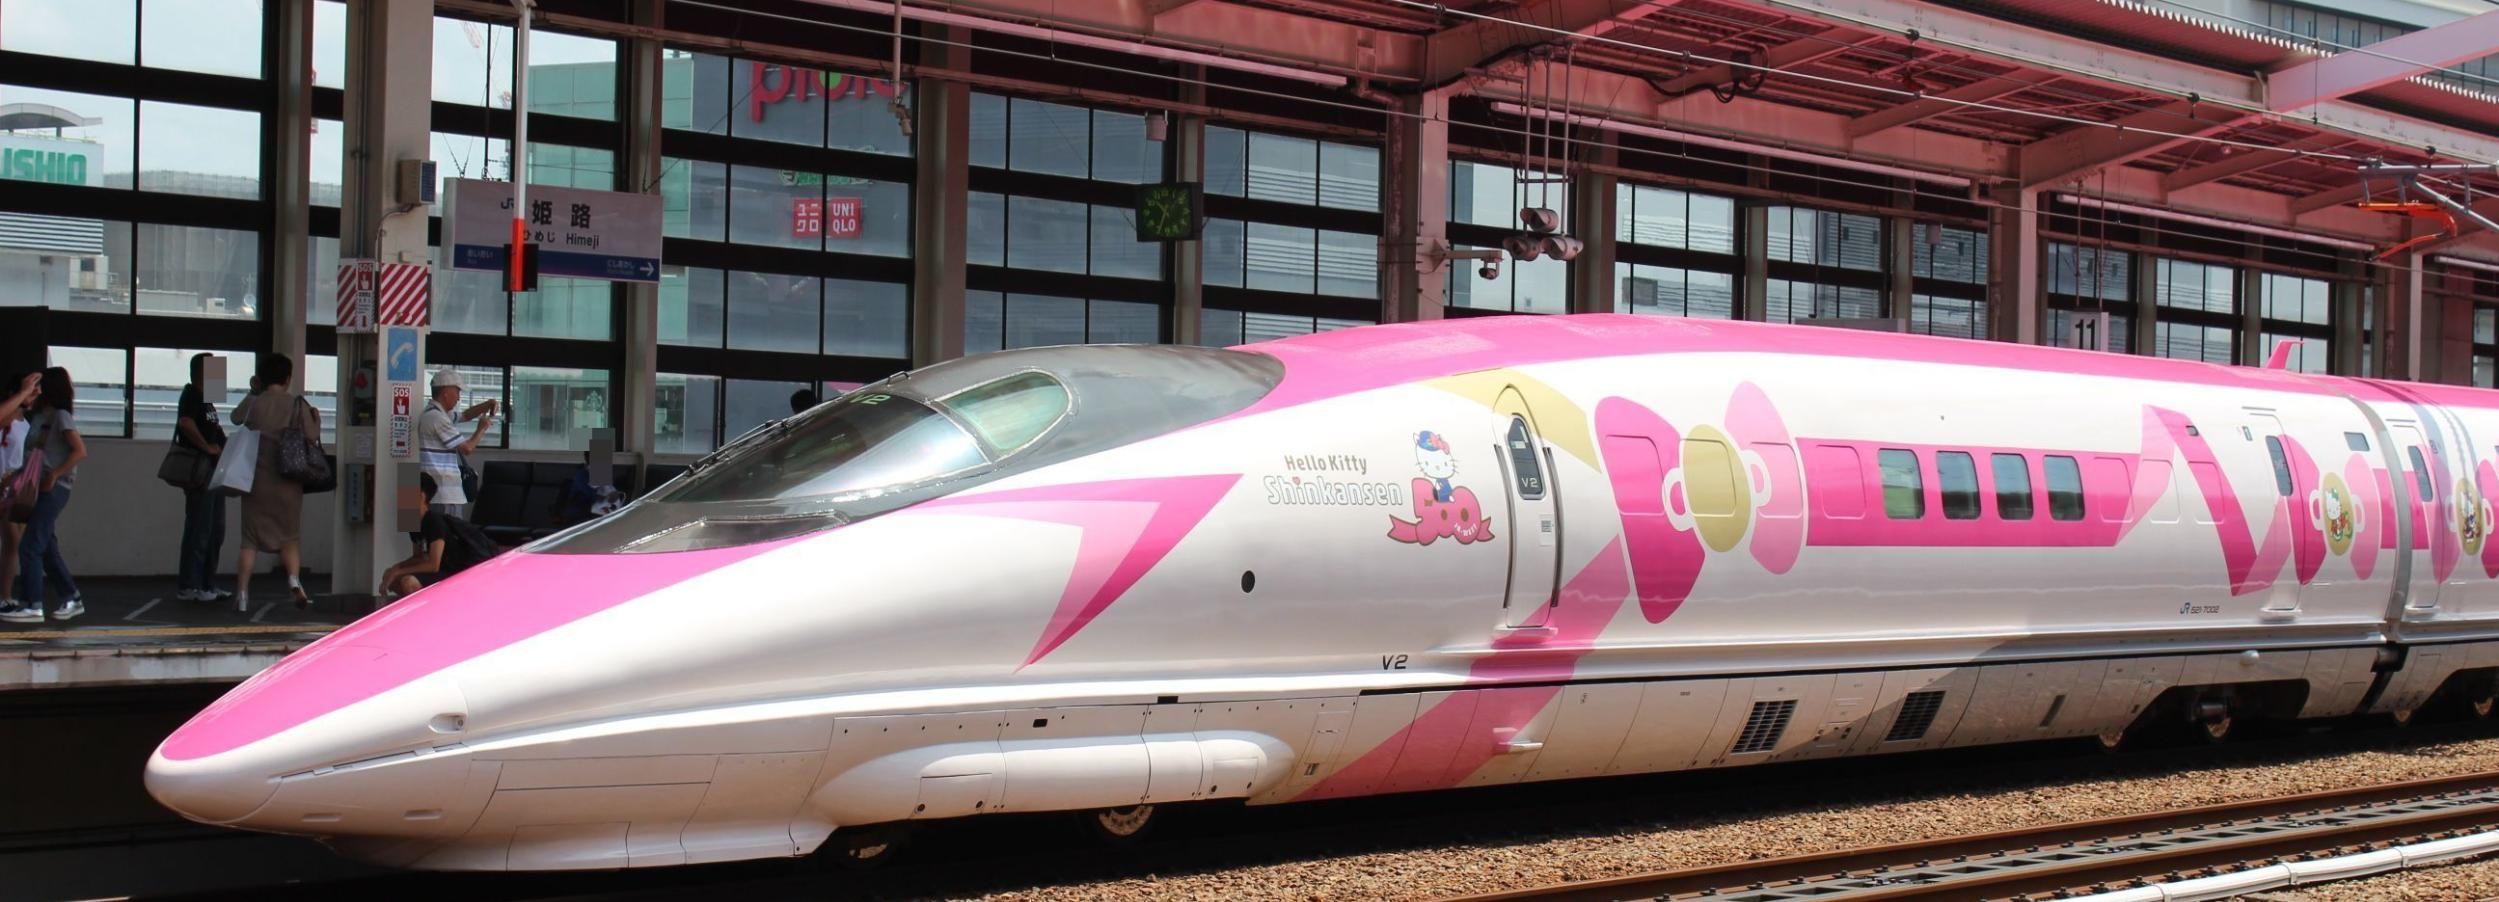 Kansai-Hiroshima JR & Bus Pass